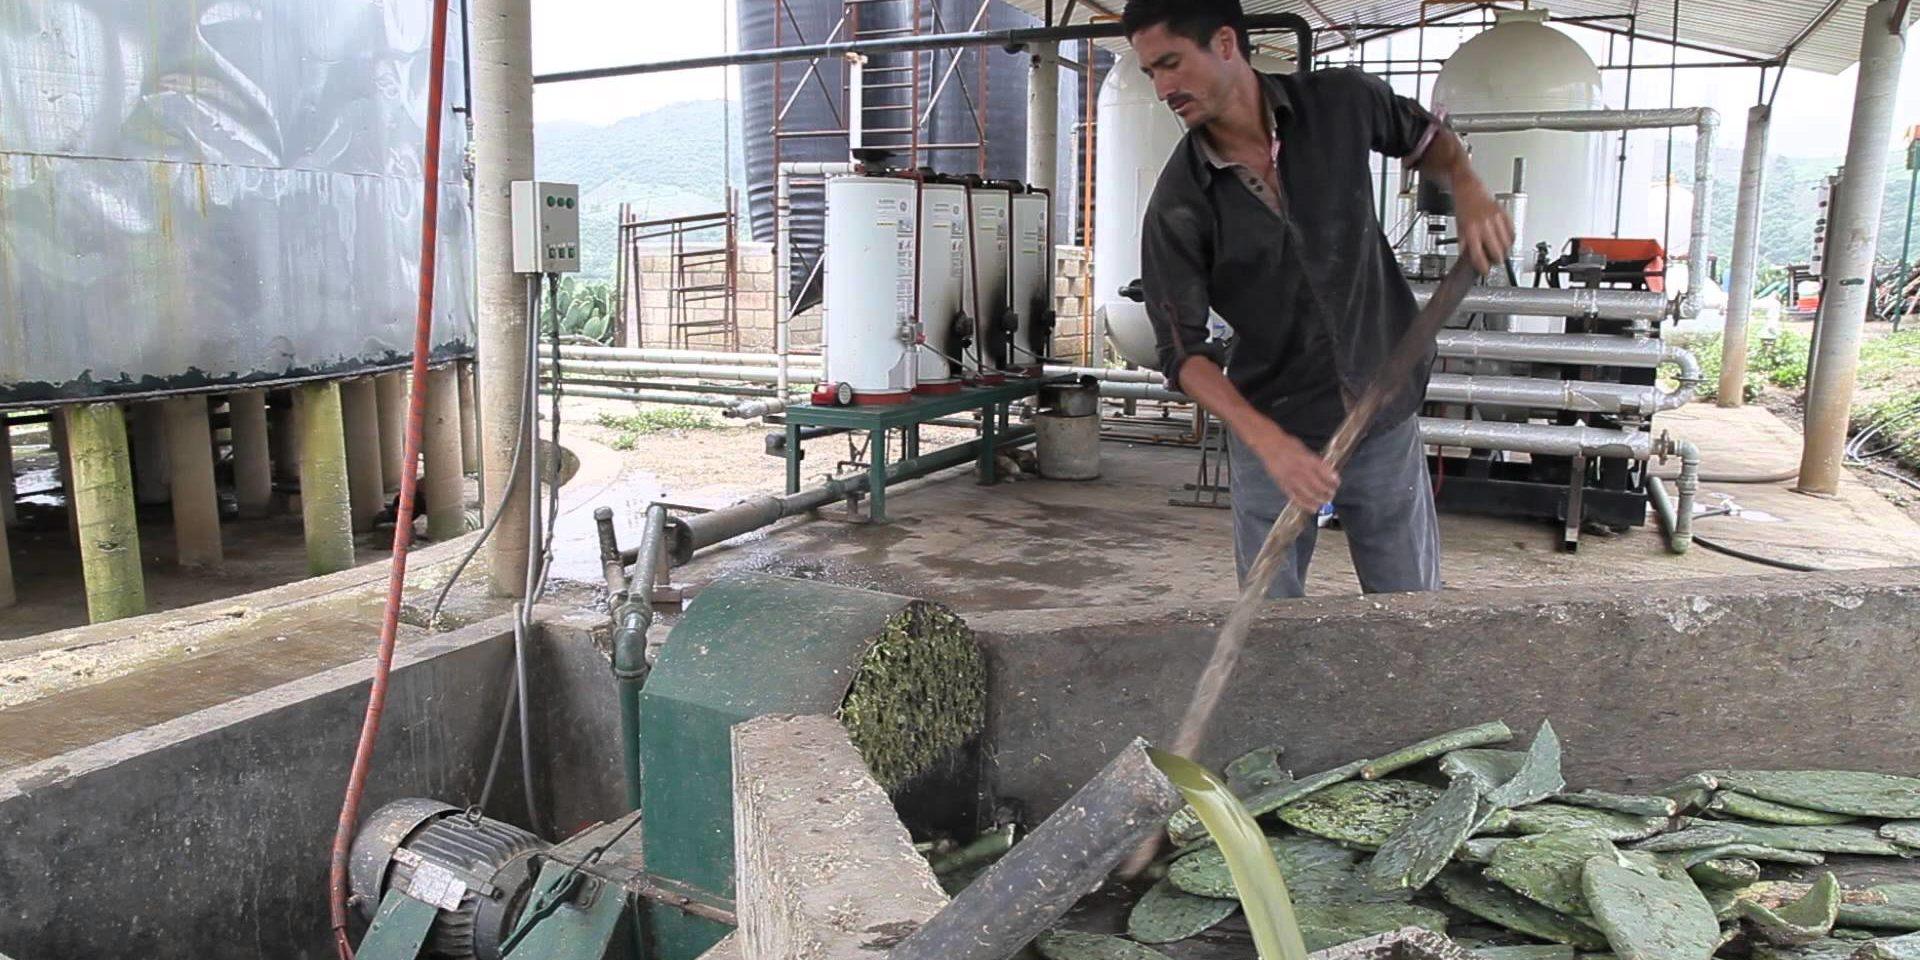 Electricidad a la mexicana: En nuestro país se genera energía a partir del nopal